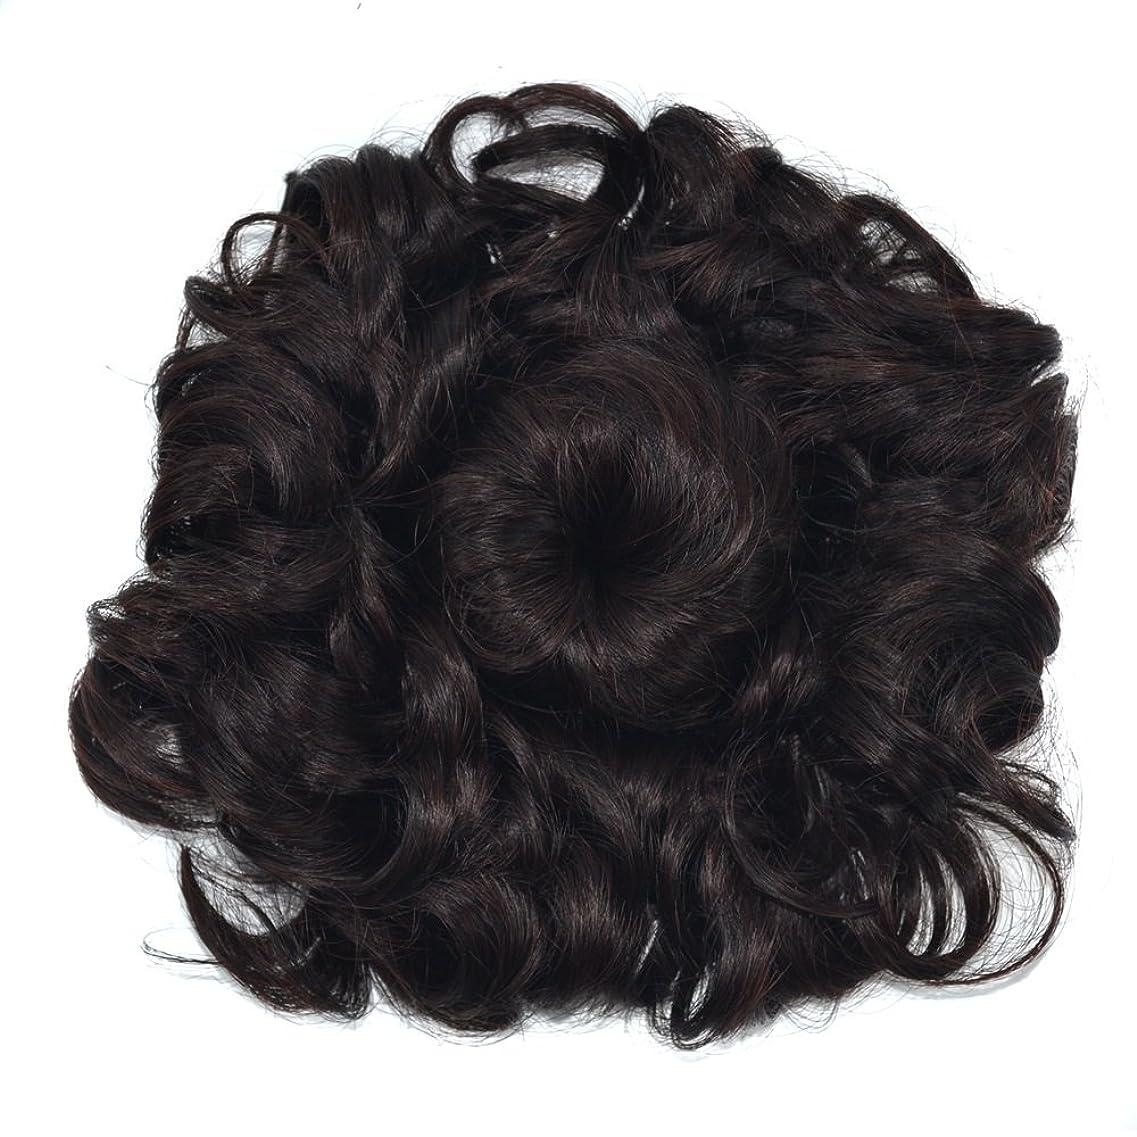 あえて化石終点JIANFU 波状のカーリーメシーヘアエクステンションウィッグシェイプのボタン付き巾着とふわふわサンフラワーウィッグヘアピース女性のヘアバンエクステンション (Color : 4# brown black)